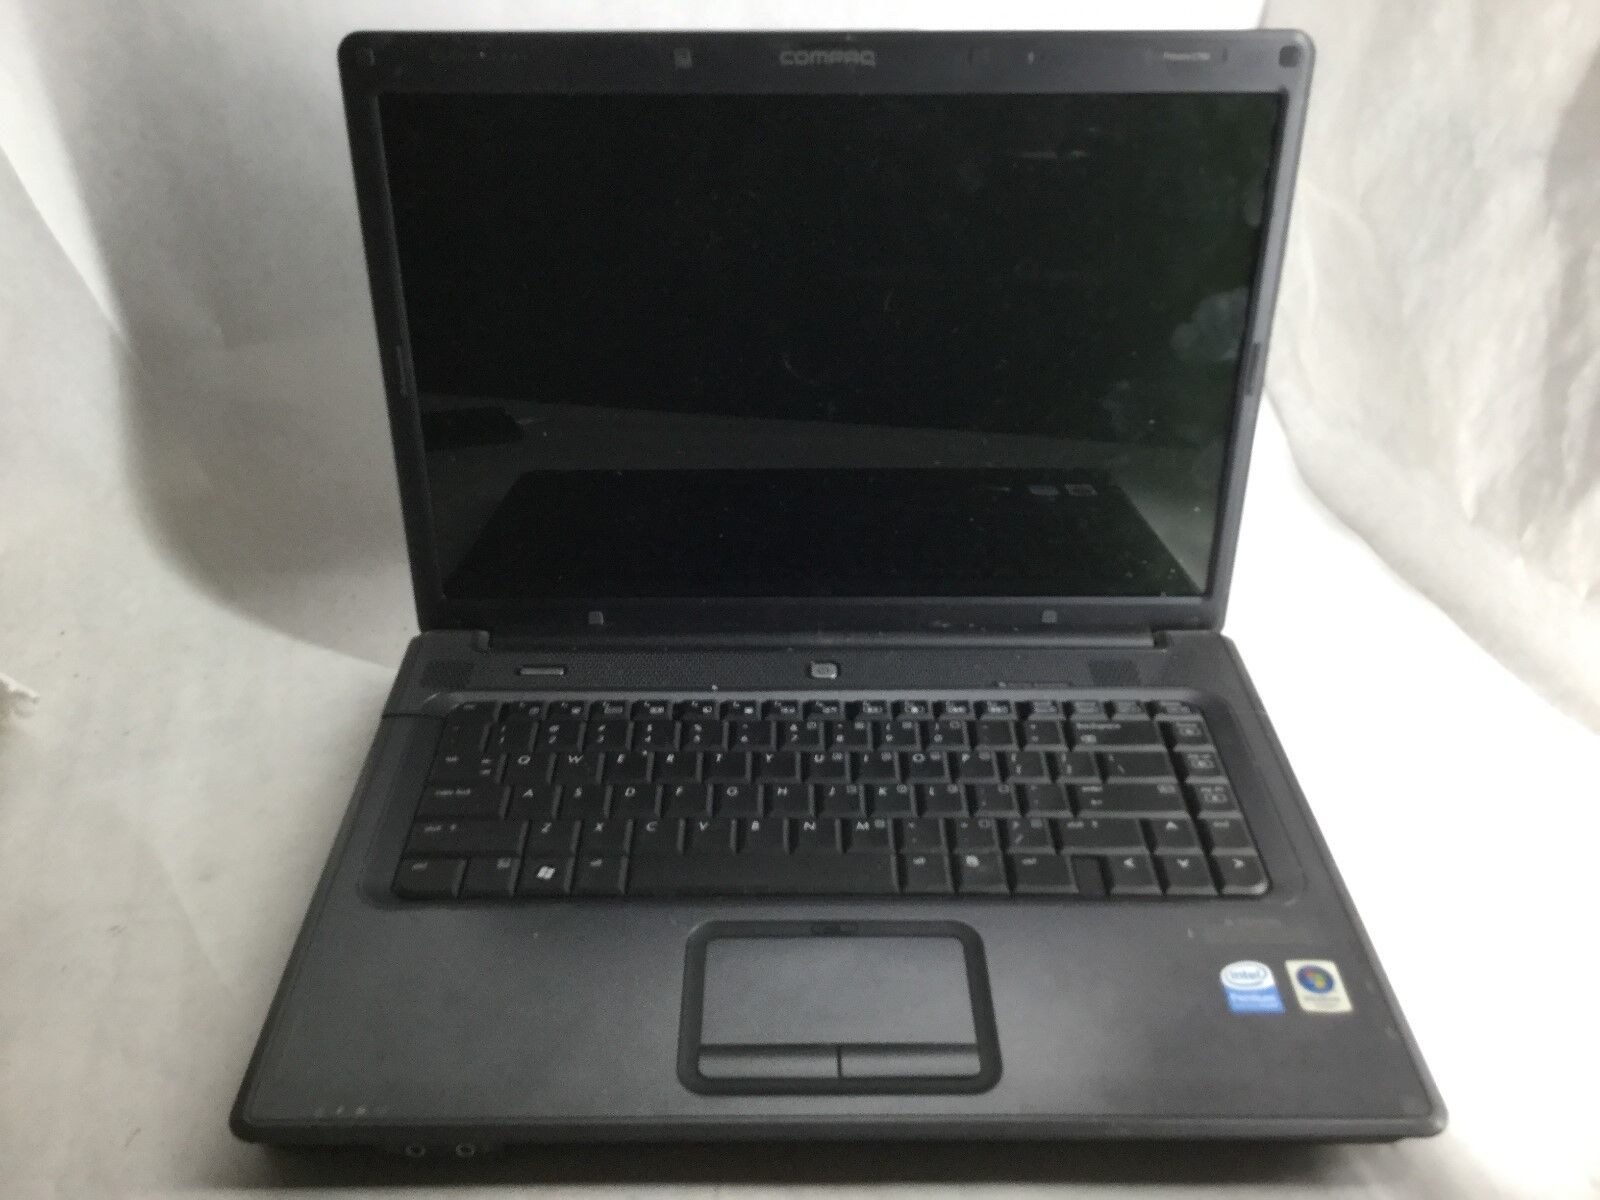 Compaq Presario C700 Intel Pentium CPU Laptop *POWER DEAD* -CZ